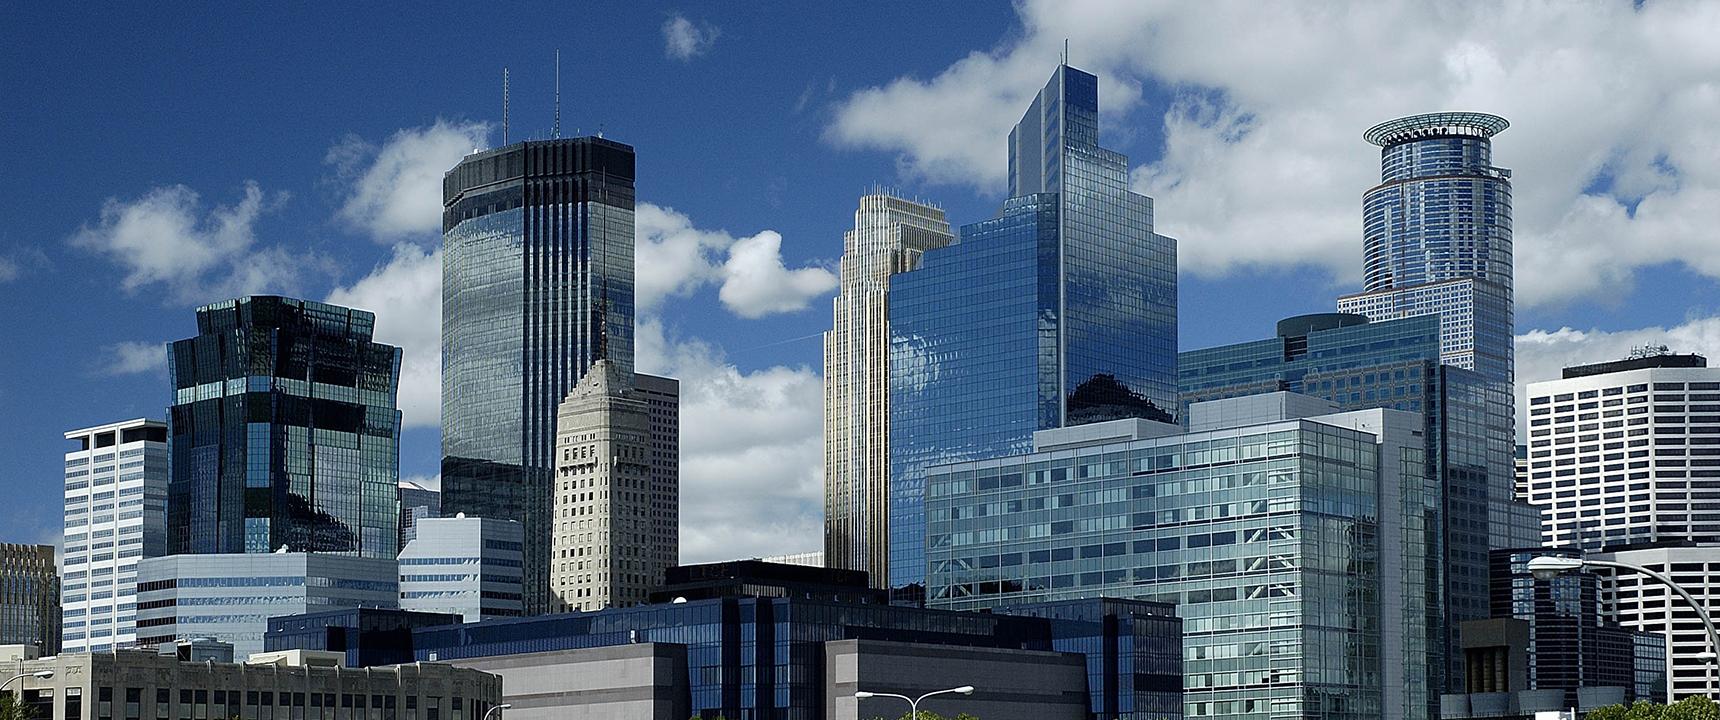 Photo of downtown Minneapolis, Minnesota.